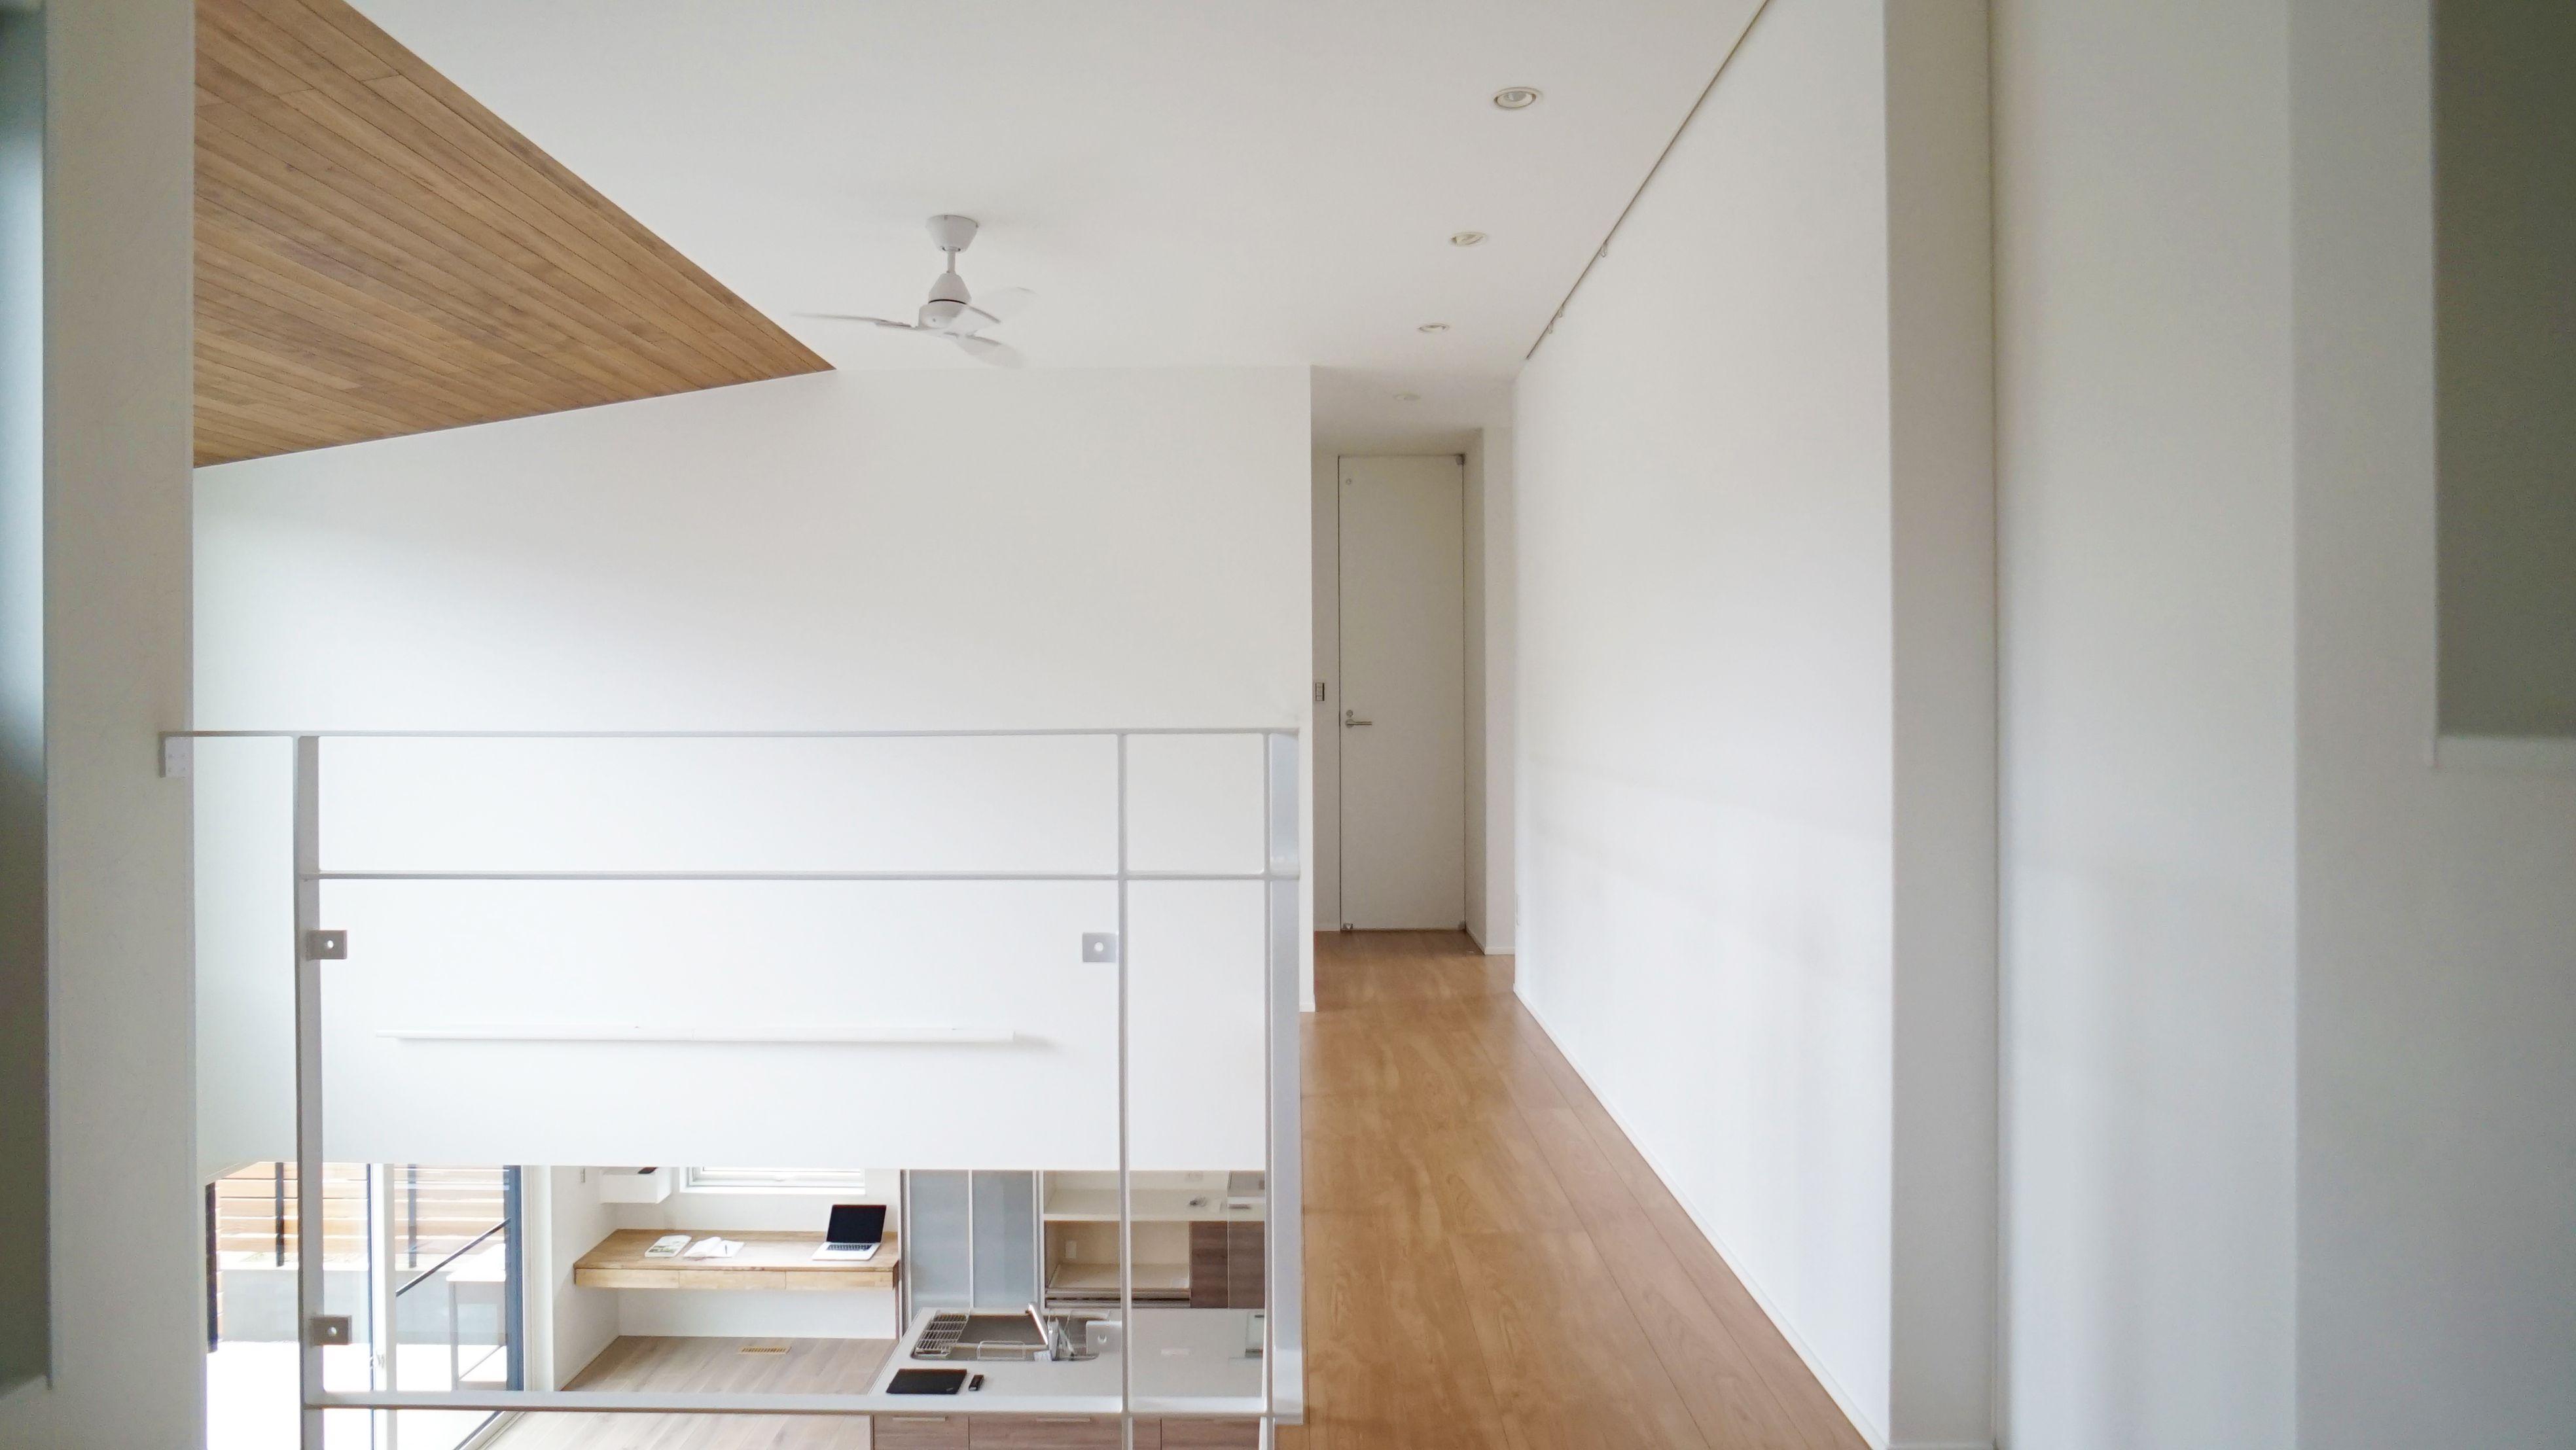 2階からもldkの様子がわかります 右側の天井には埋め込みの